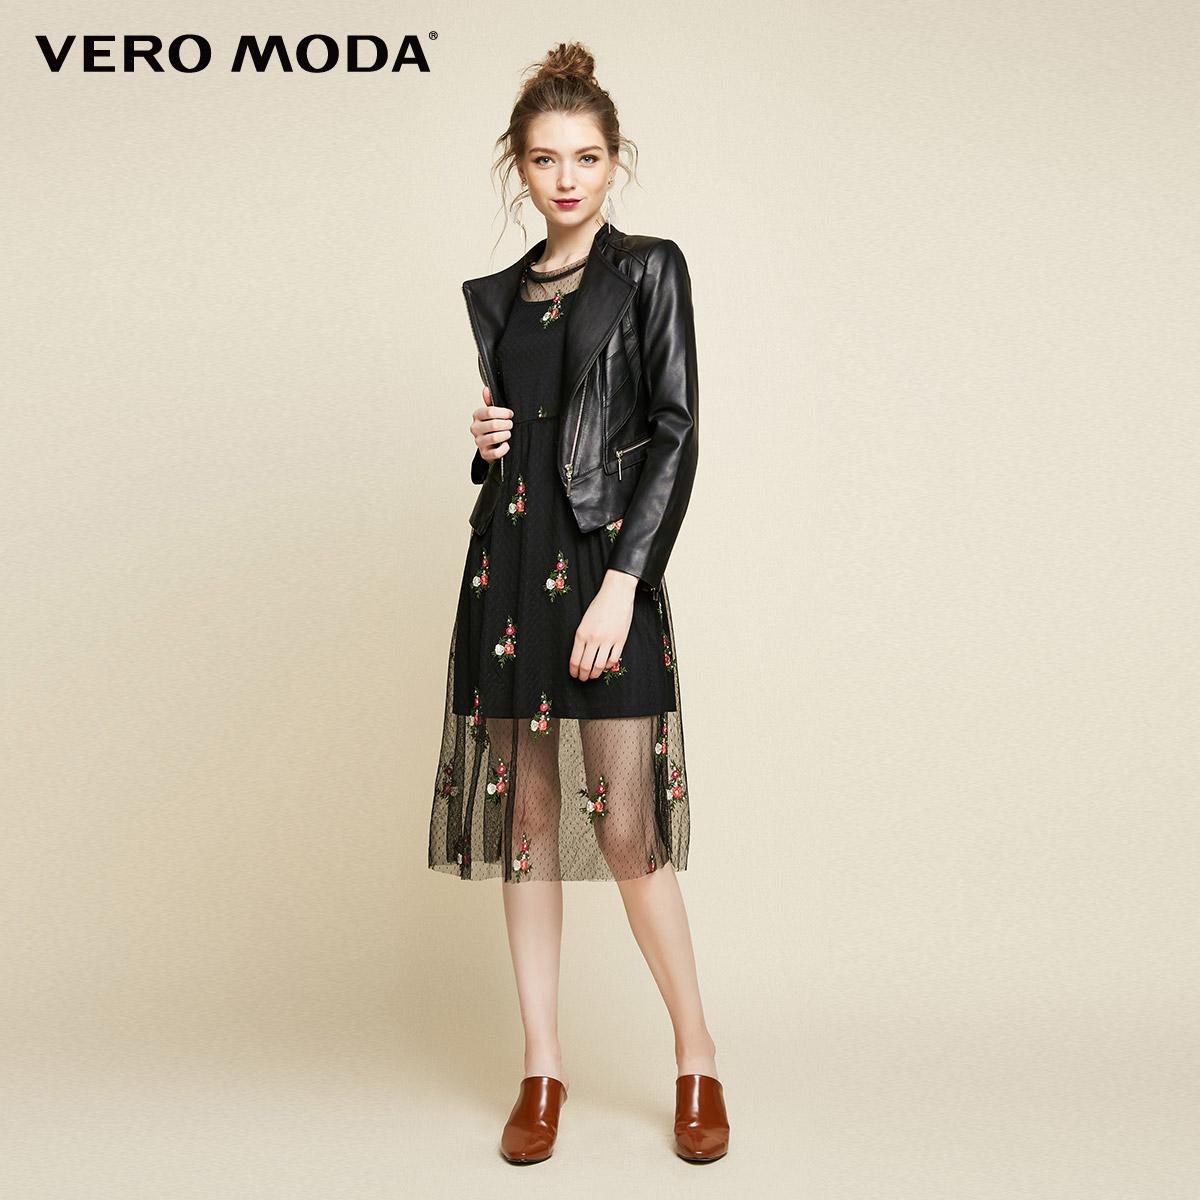 Vero Moda2017秋季新款拼接拉链修身羊皮皮衣|317310534